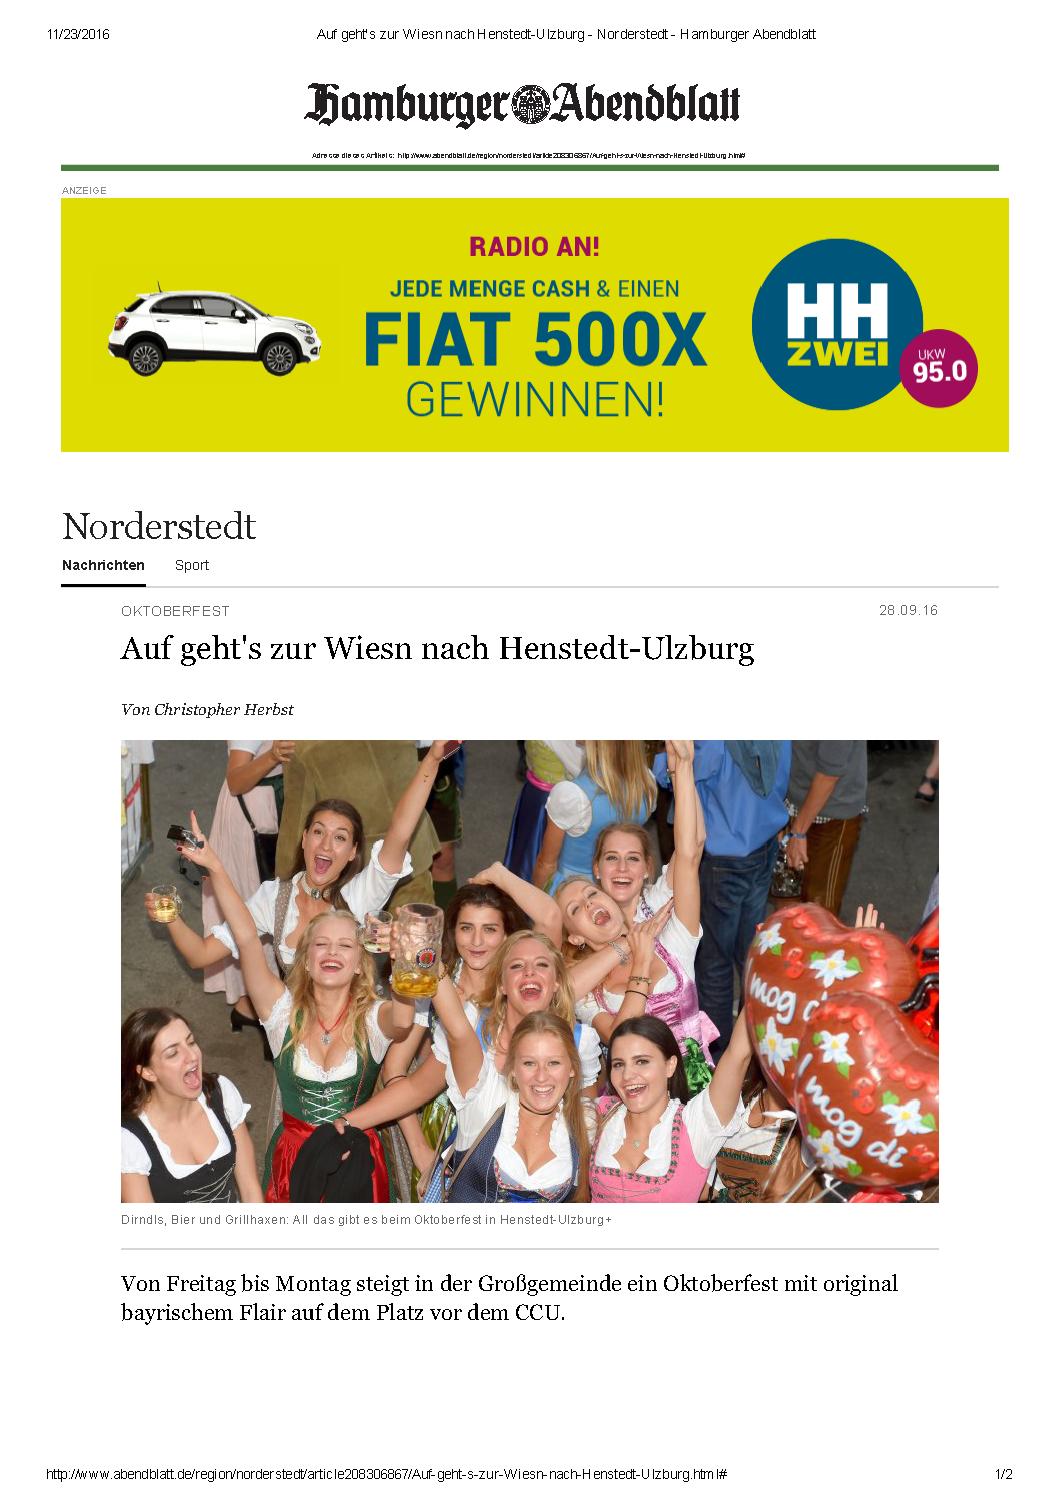 auf-zur-wiesn-nach-henstedt-ulzburg-norderstedt-hamburger-abendblatt_seite_1